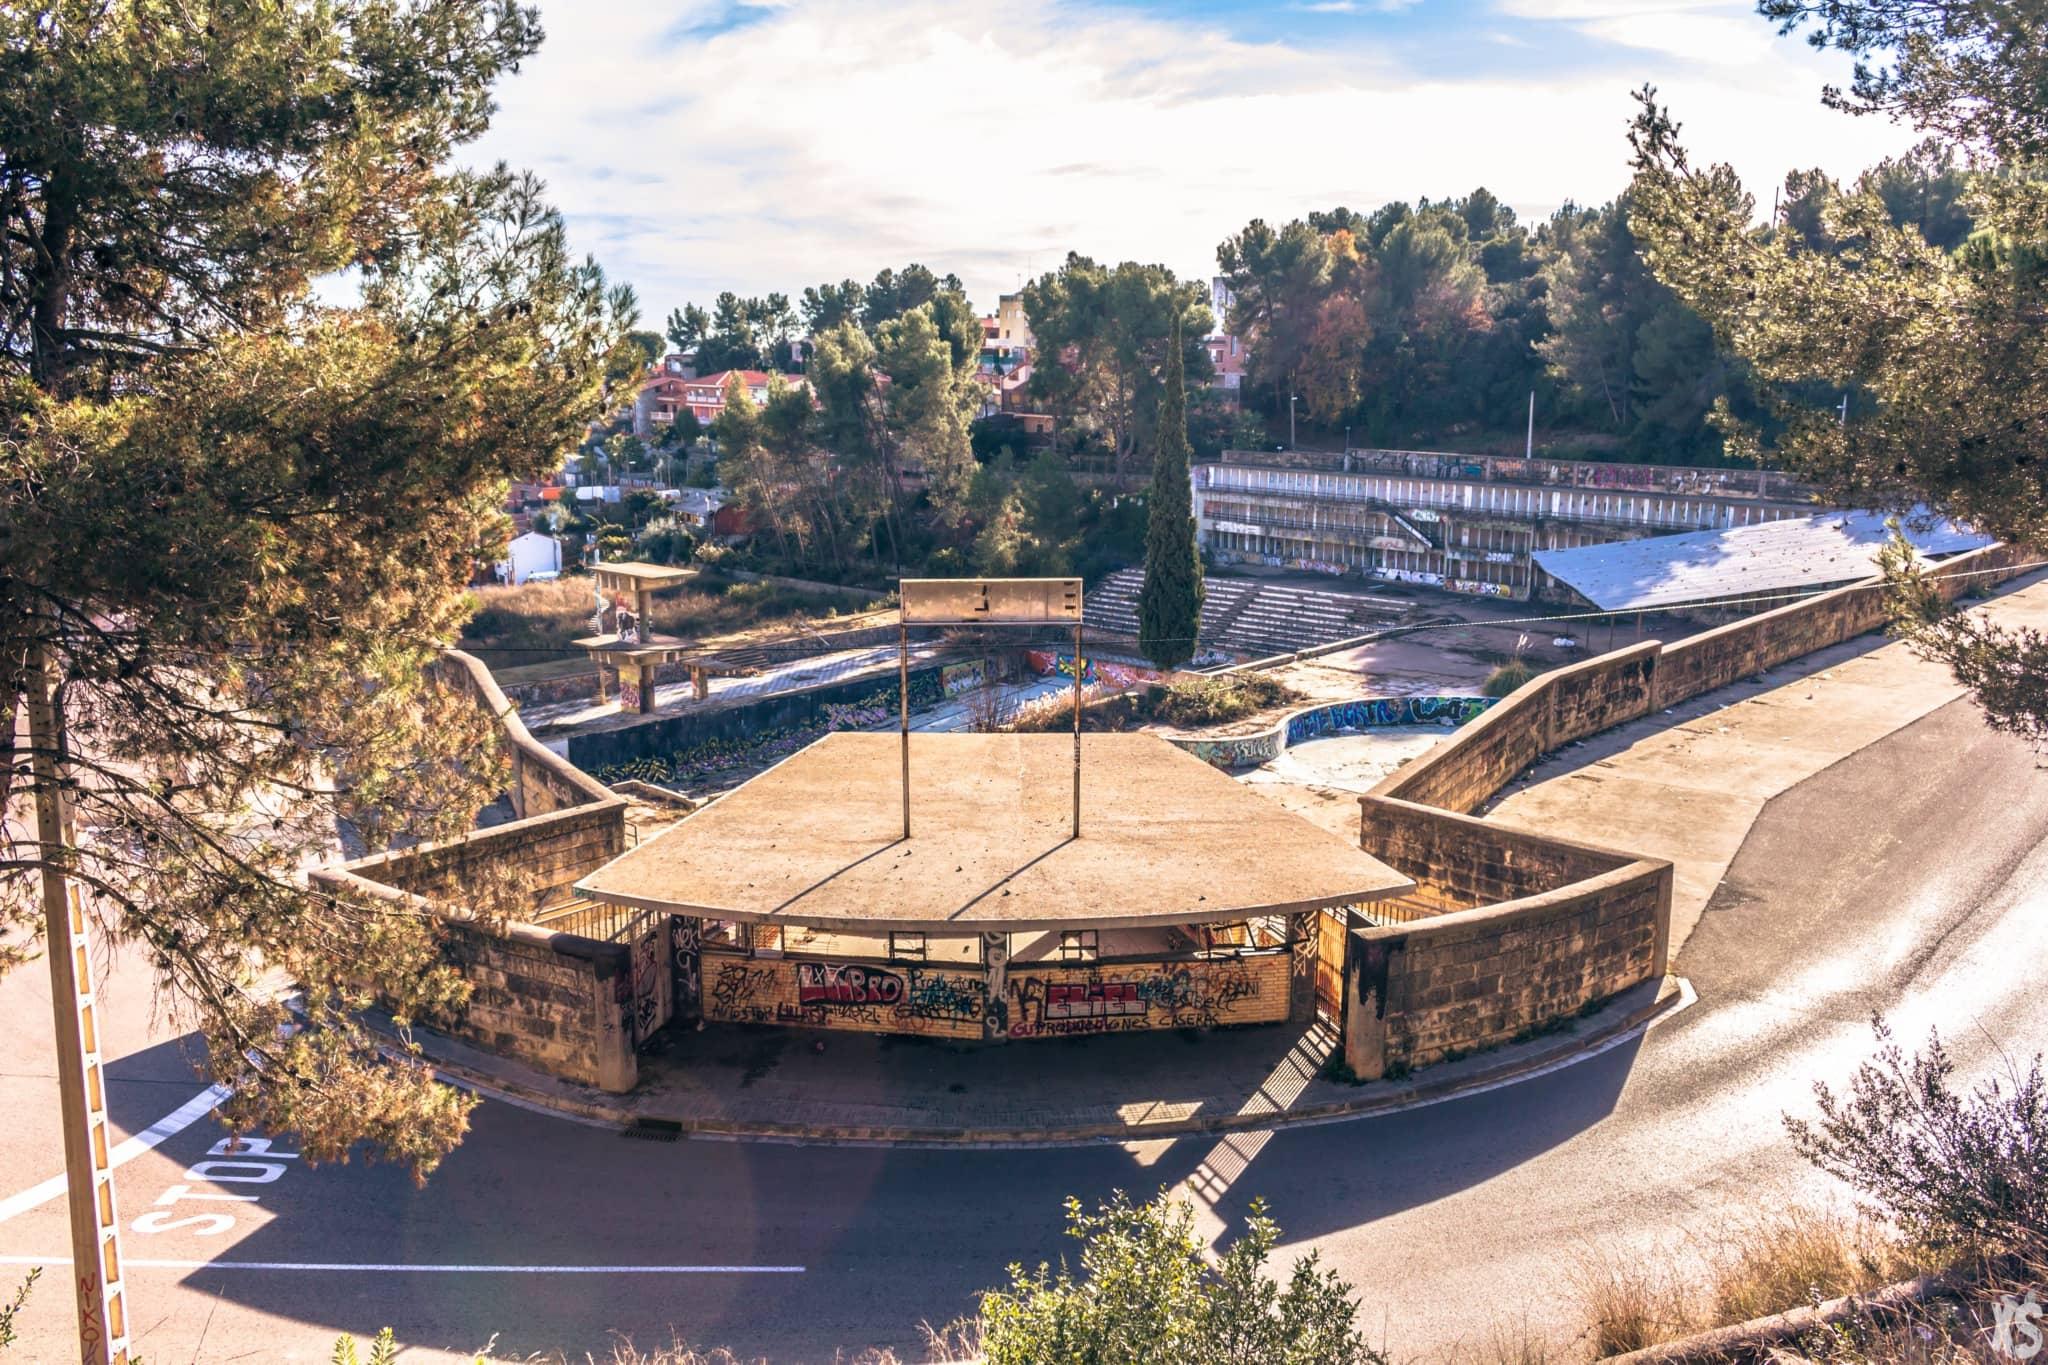 Piscine olympique abandonnée en Espagne | urbexsession.com/piscine-olympique-de-vega | Urbex Espagne